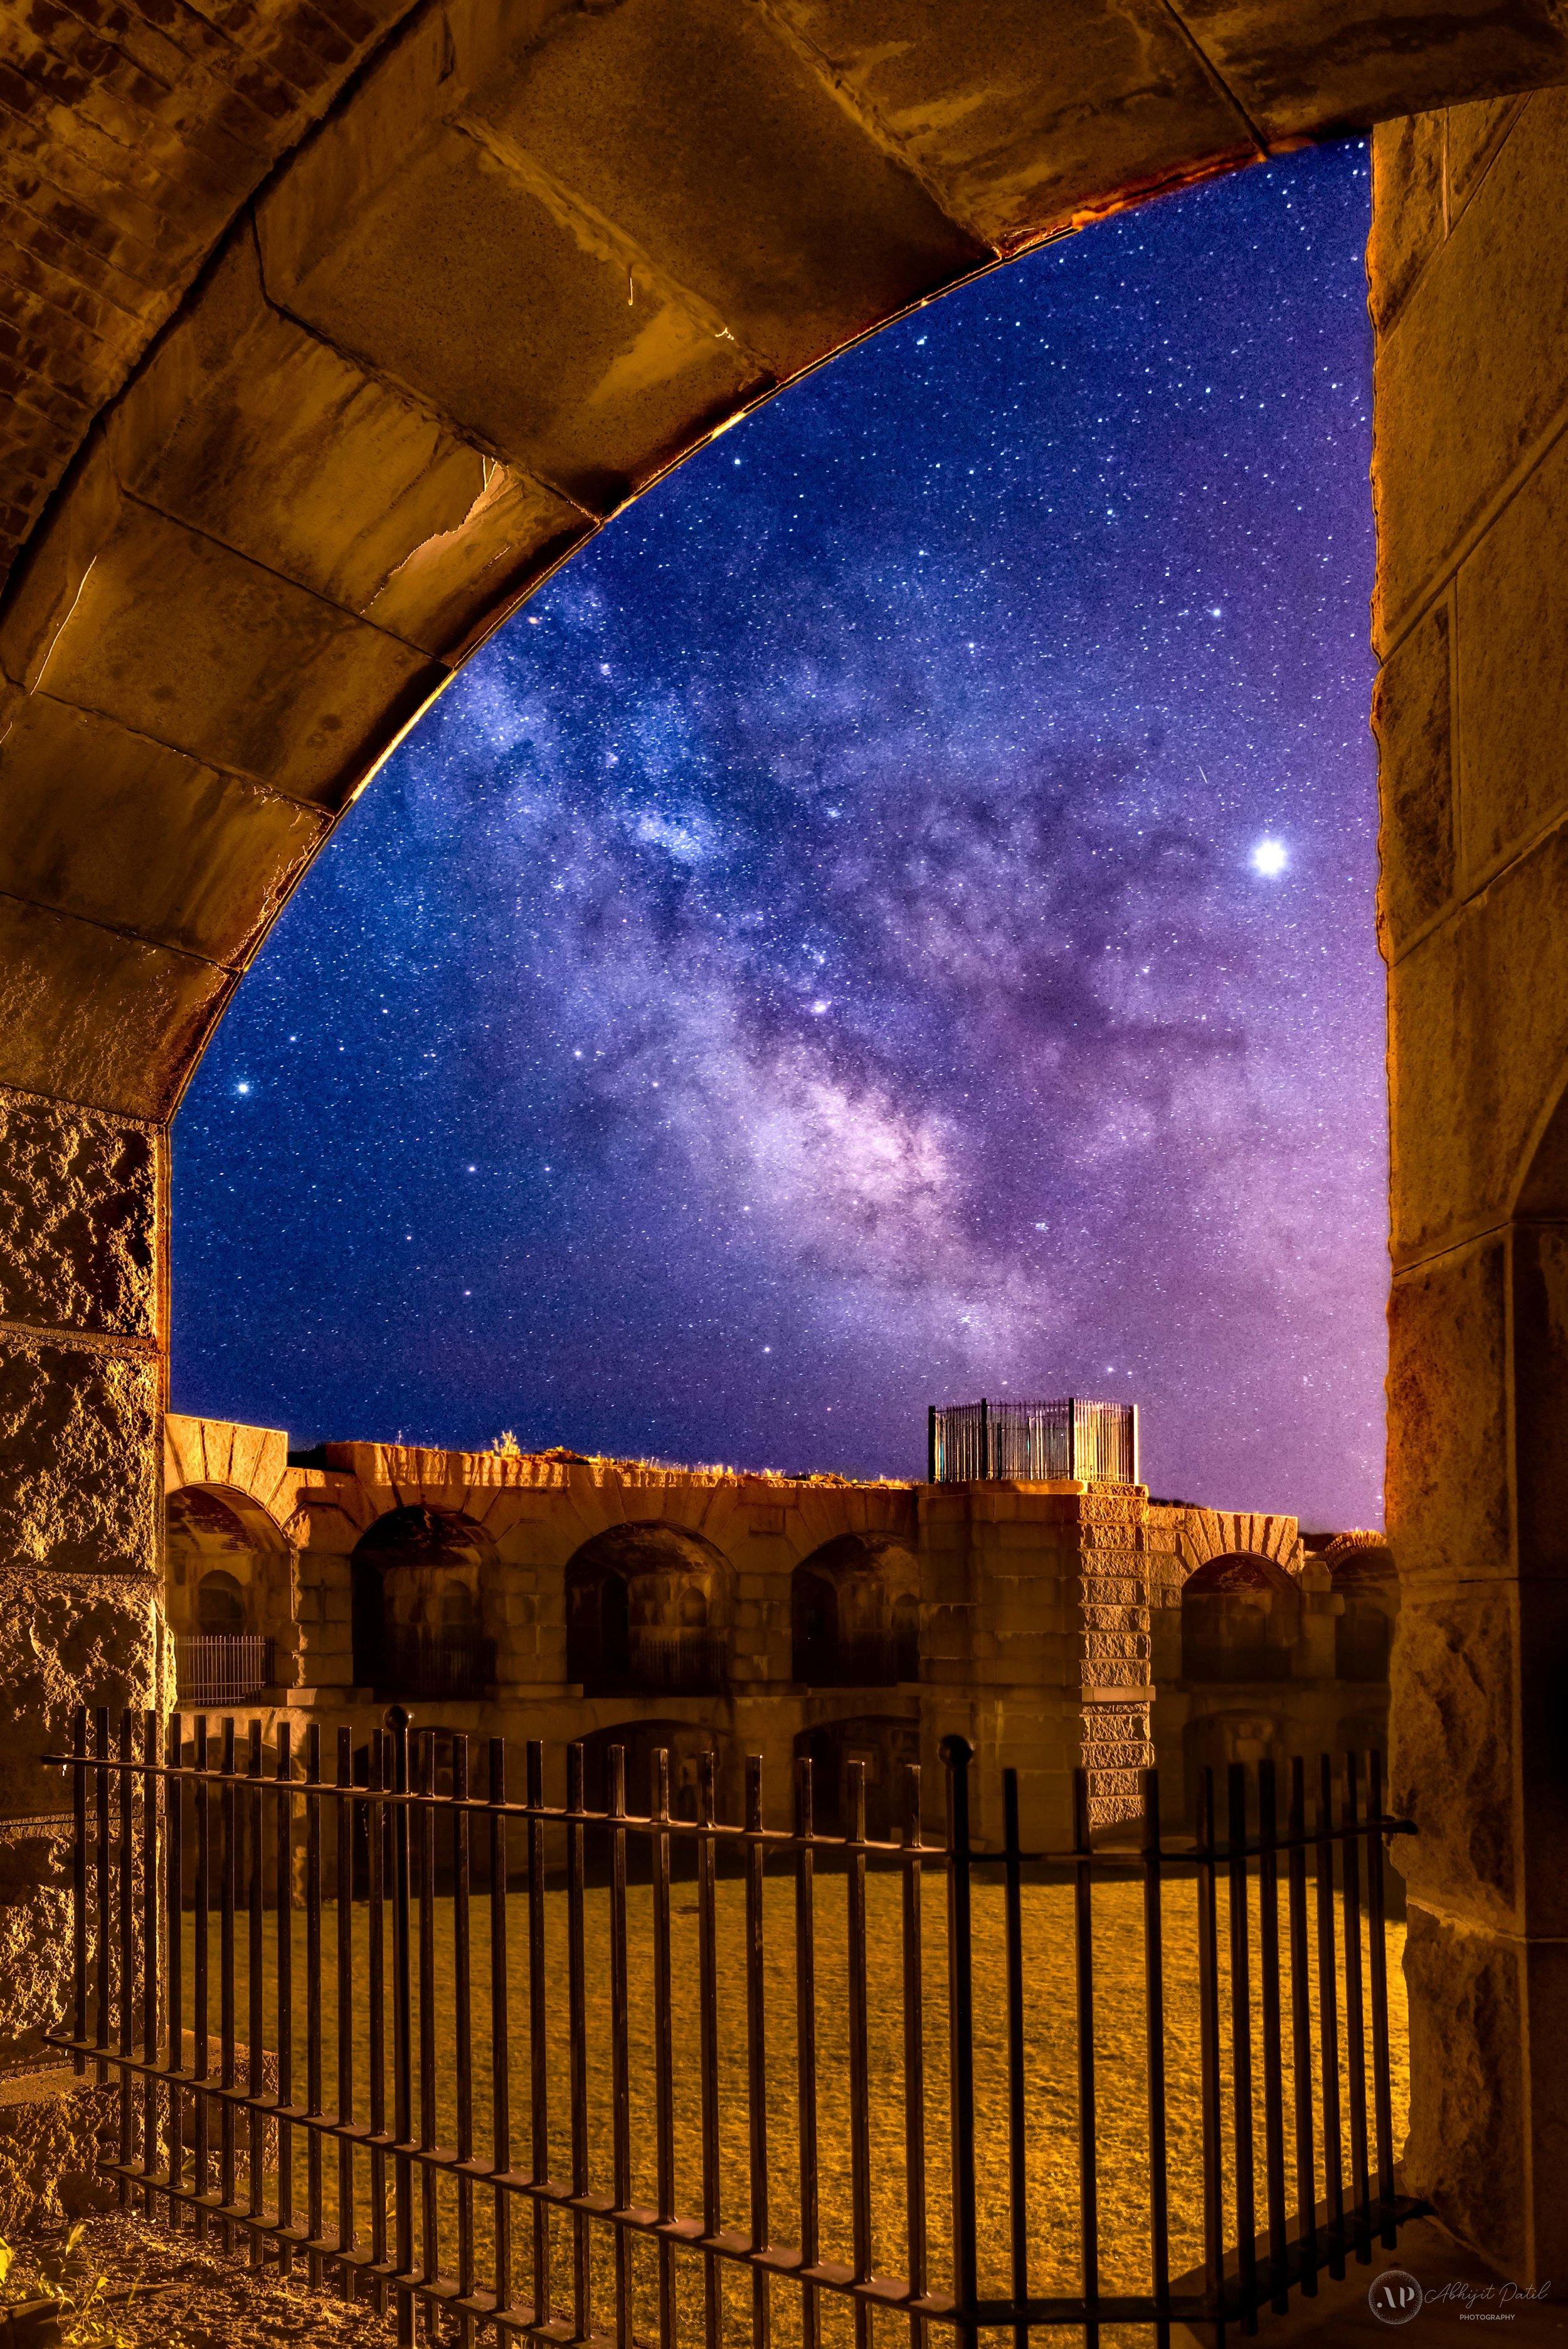 Fort_Popham_framed.jpg